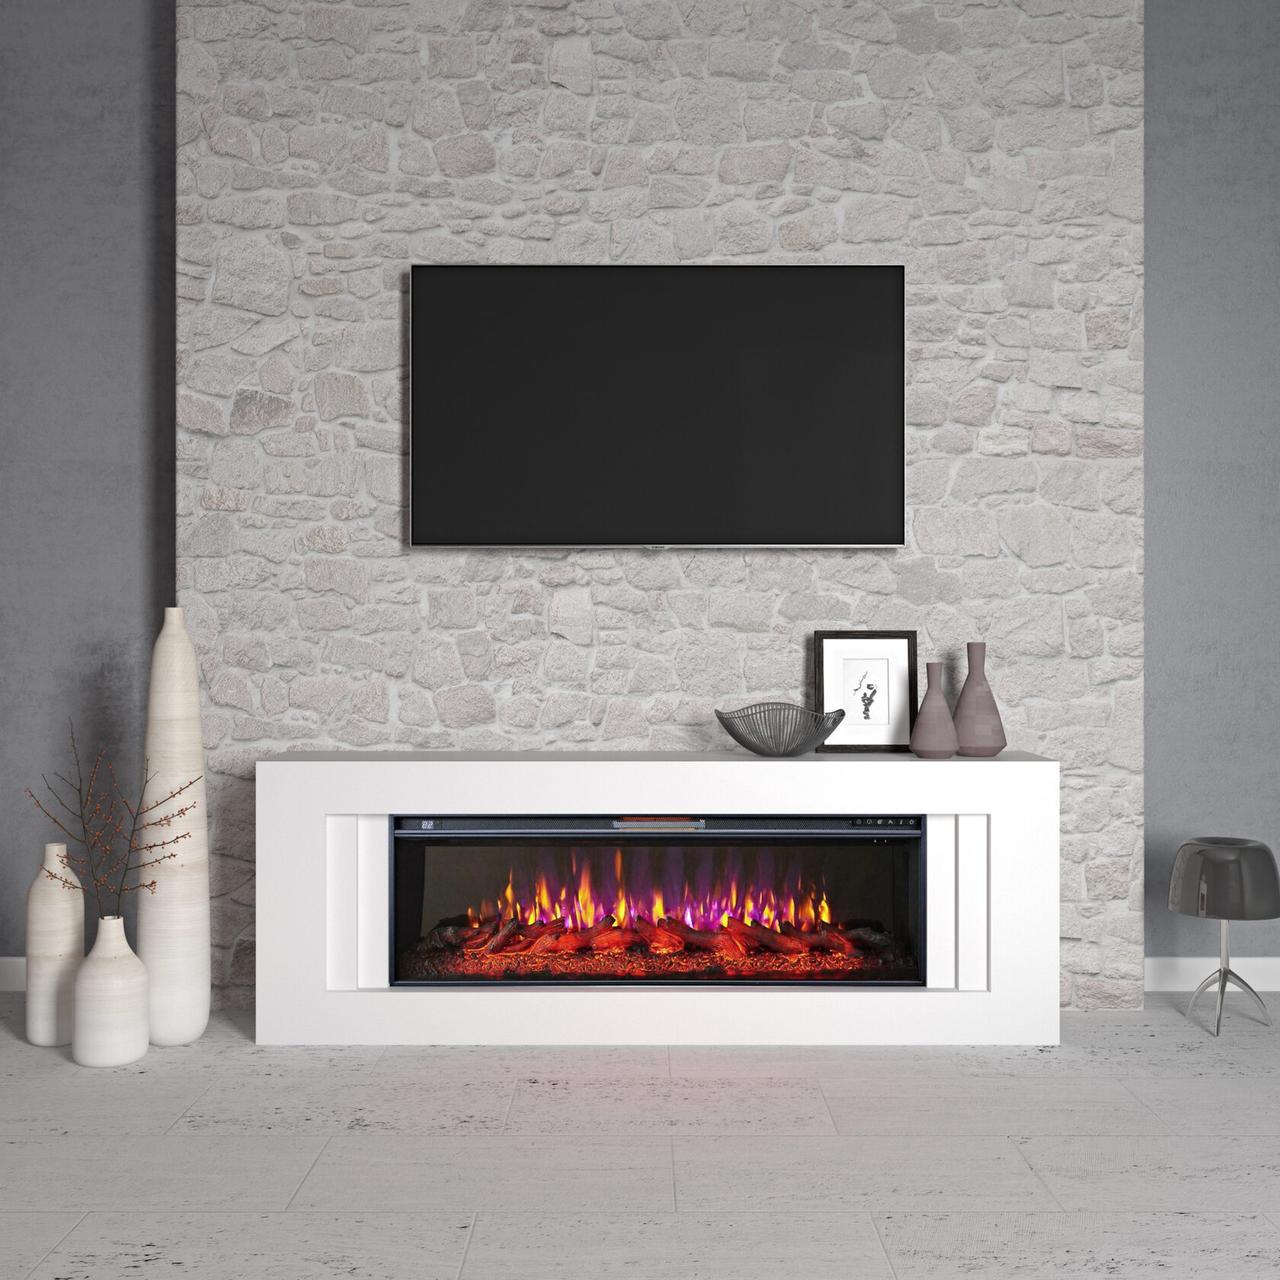 Декорация портал камина из МДФ и электрокамин 50 дюймов каминокомплект Line 50-1 белый